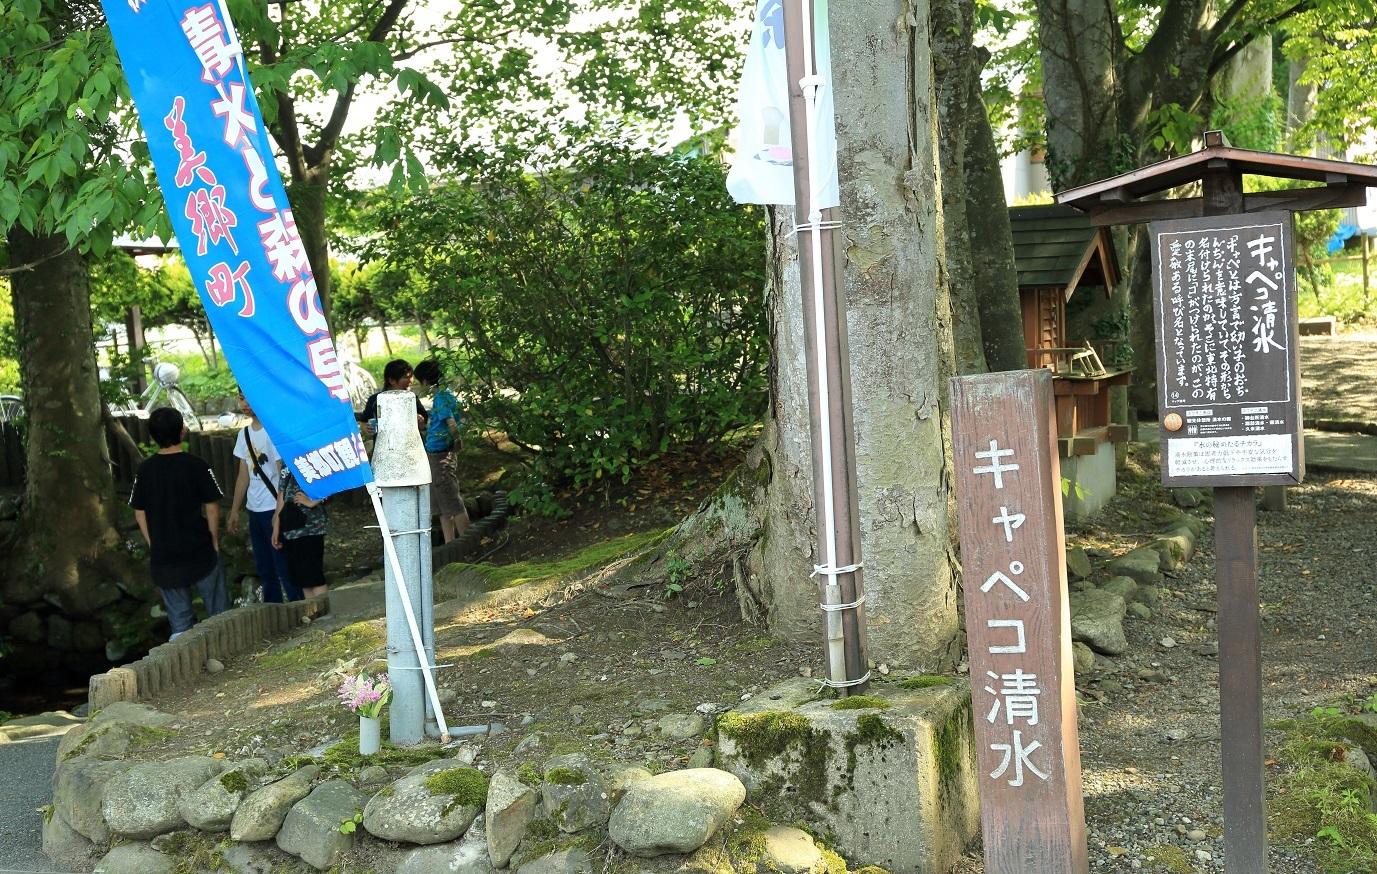 2017 6 24 キャペコ清水 ブログ用.jpg